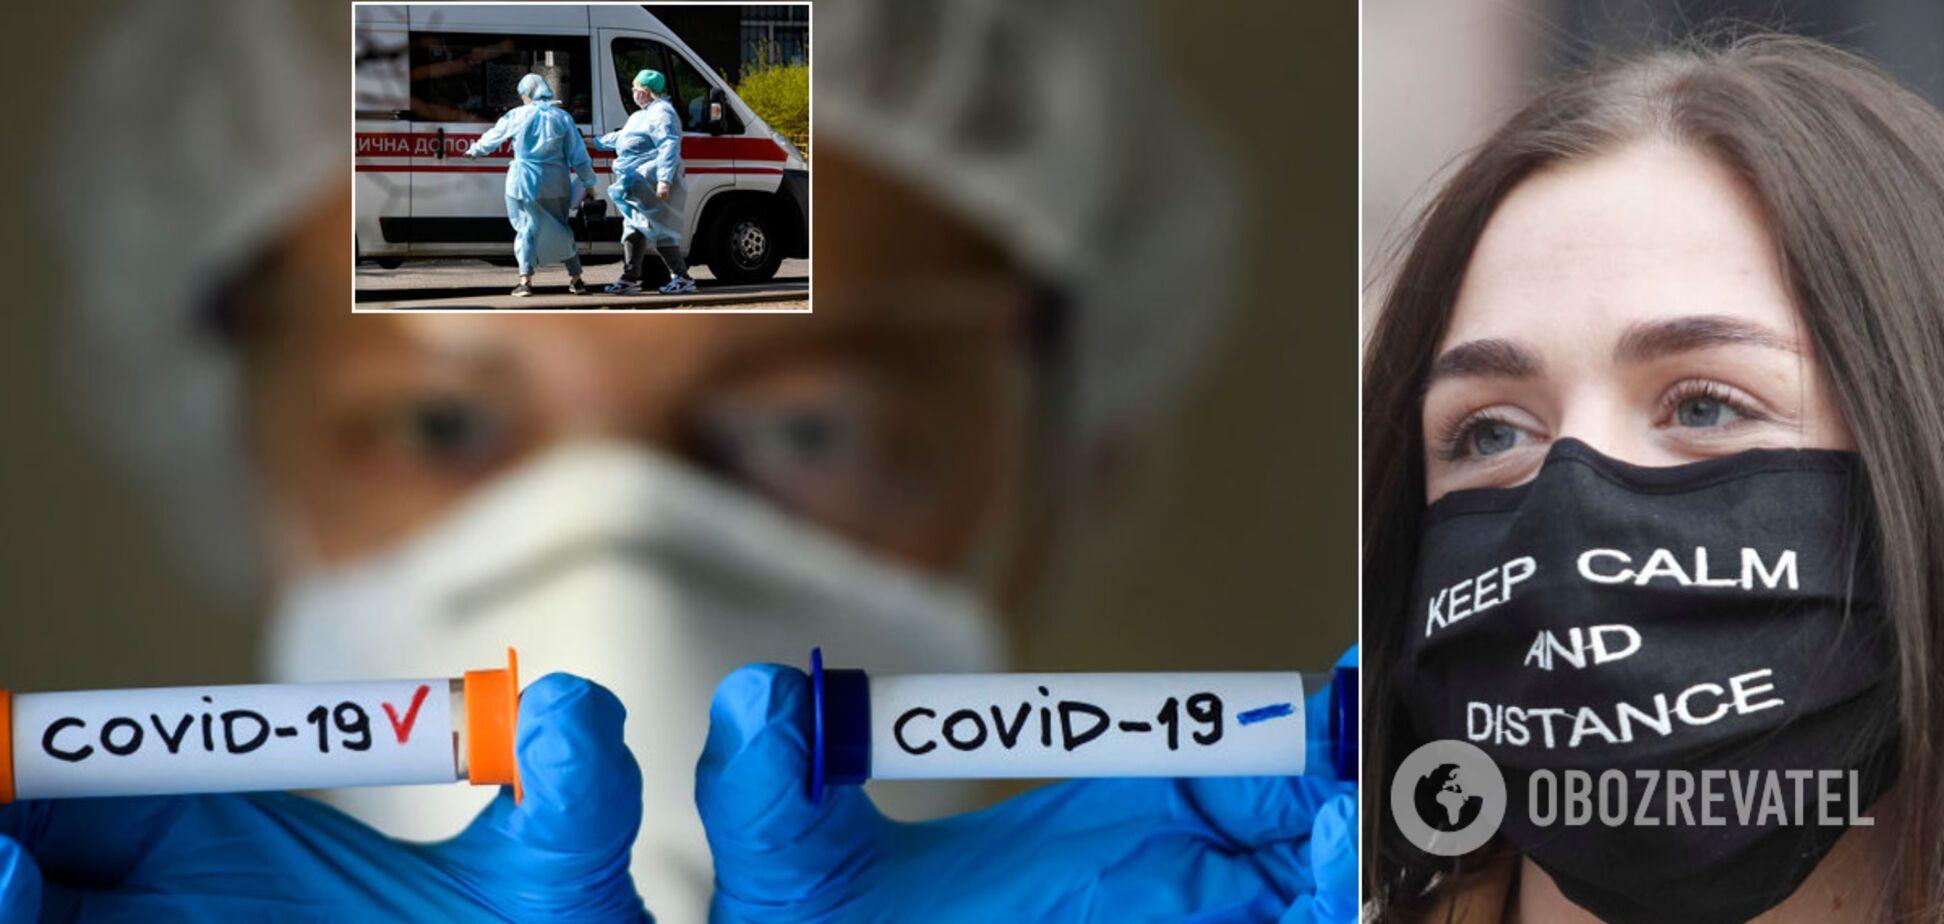 В Украине COVID-19 могут болеть уже 400 тыс., осенью к коронавирусу добавится грипп, – эпидемиолог